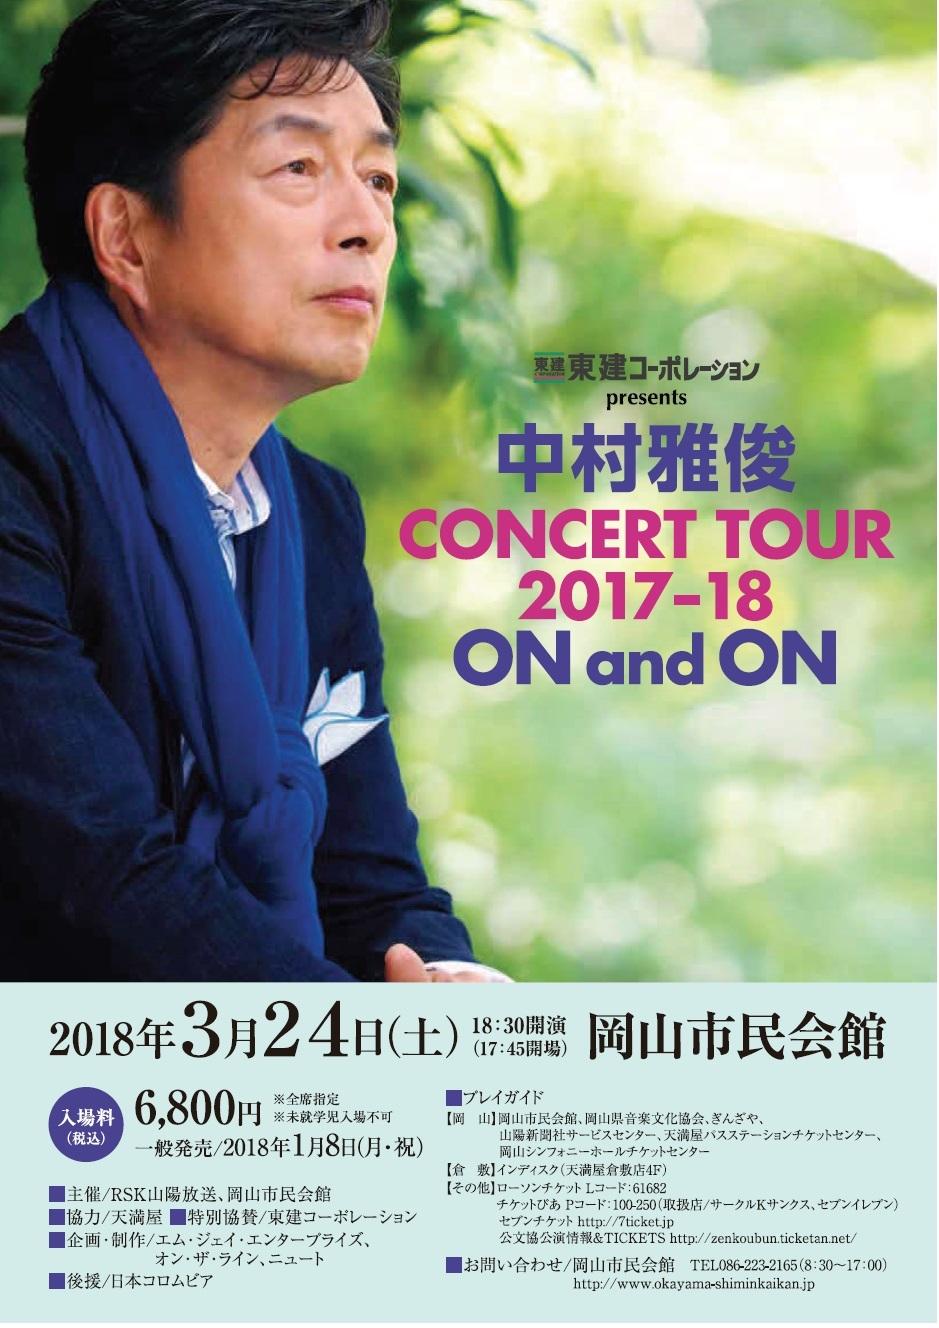 東建コーポレーション presents 中村雅俊 CONCERT TOUR 2017~18 ON and ON